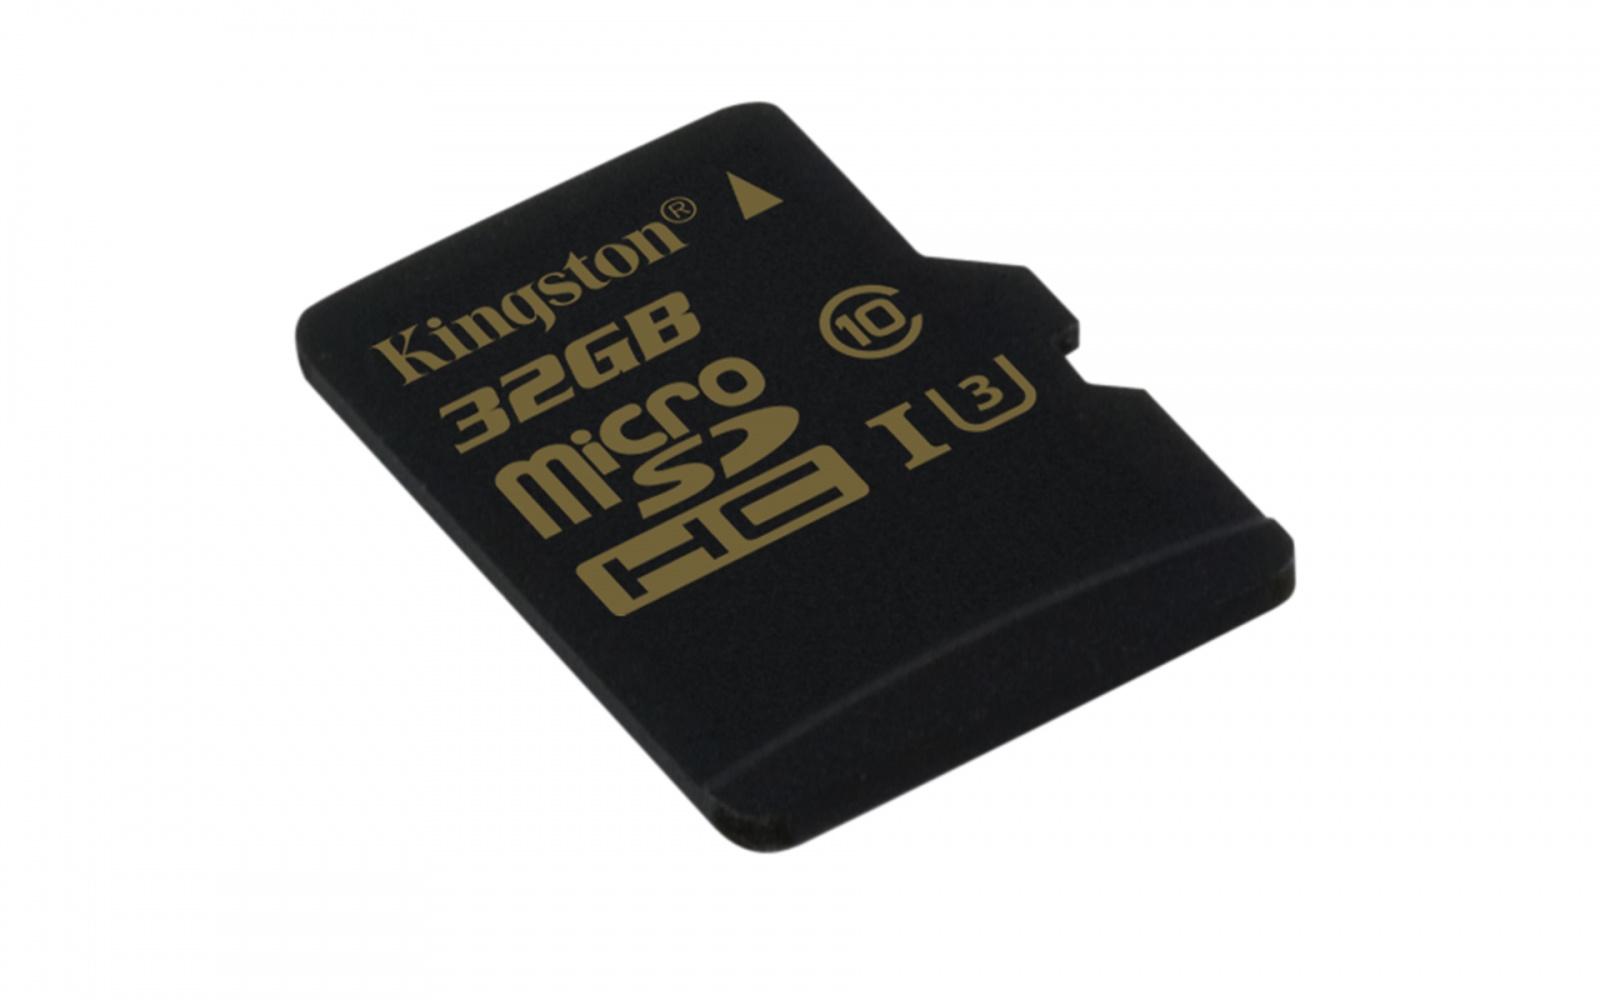 Камера умрёт — файлы останутся. Новая карта памяти Kingston золотой серии для съёмки экстремального 4K-видео - 3